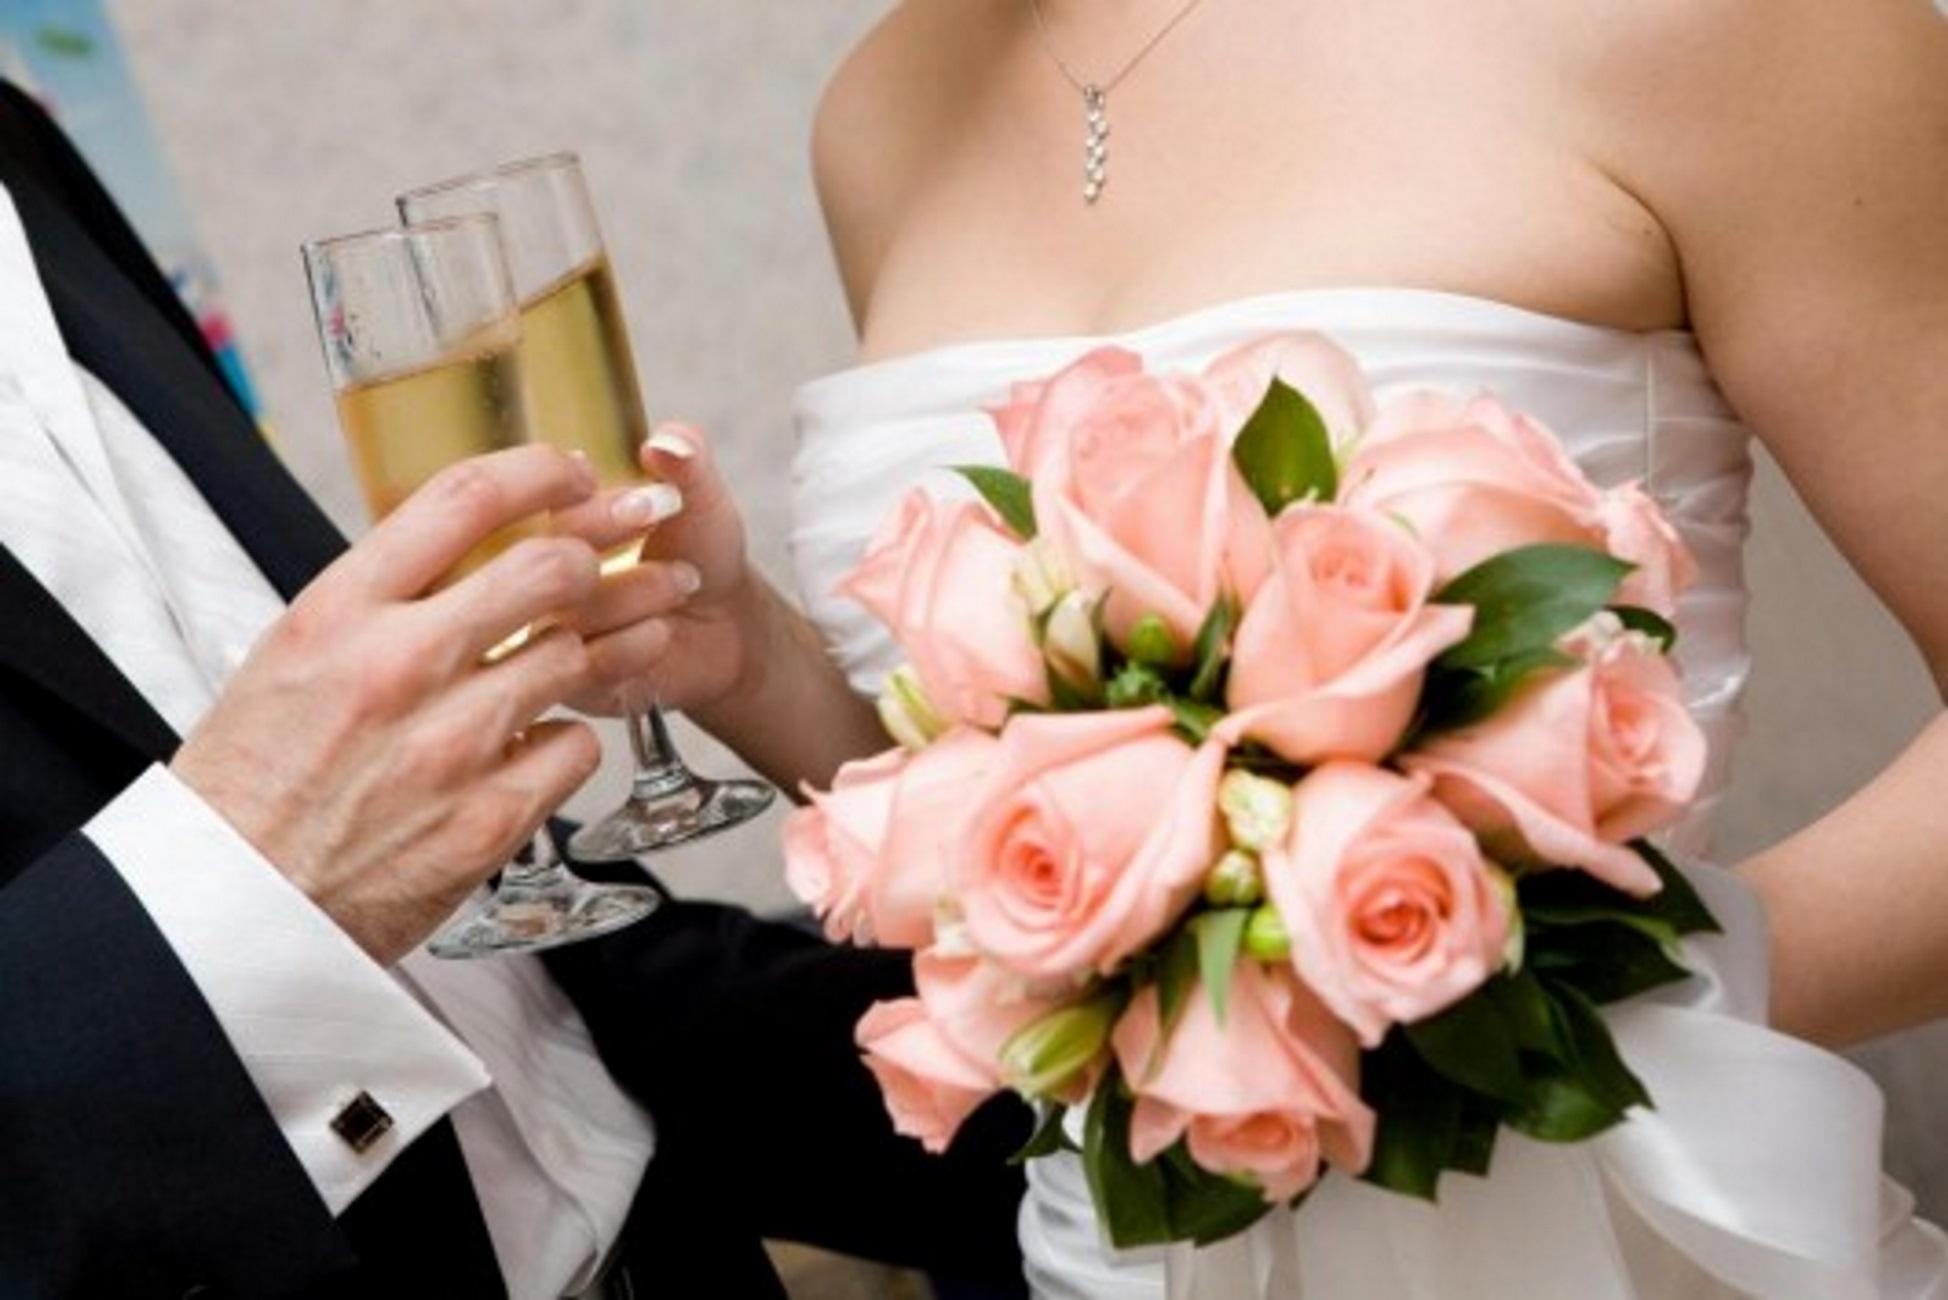 Γάμοι-βαπτίσεις: Τι κάνουν όσοι αναγκάστηκαν να «κόψουν» καλεσμένους λόγω κορονοϊού